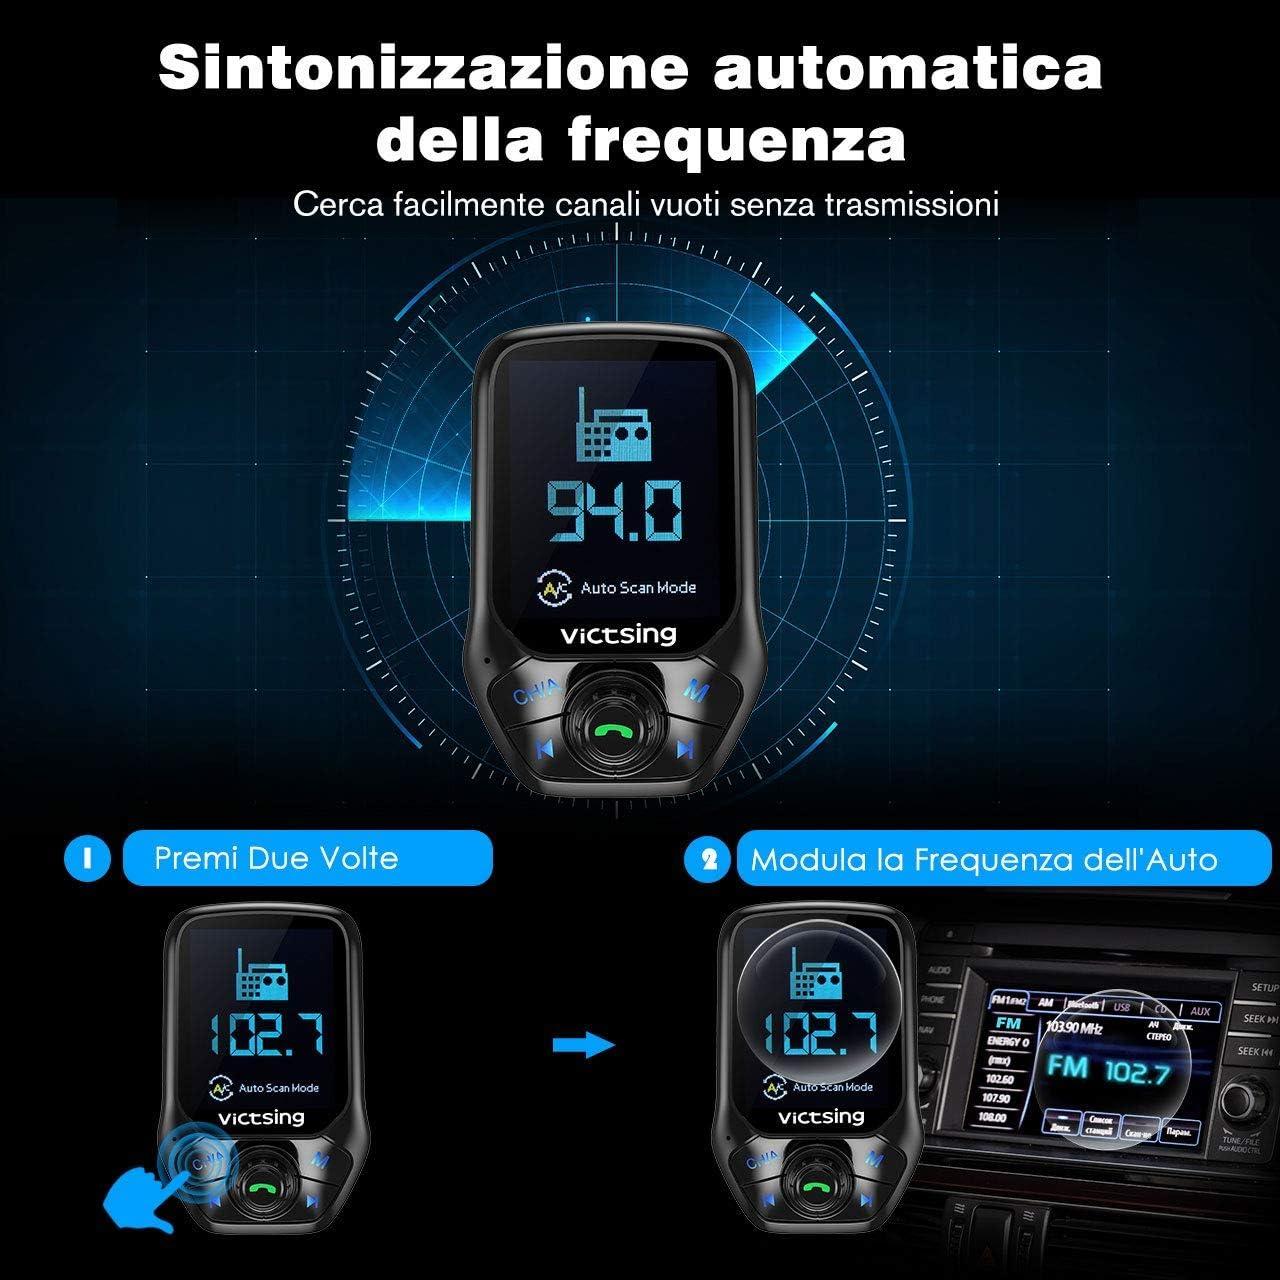 Victsing Bluetooth Fm Transmitter Mit Automatischer Abschaltung Von Frequenz 1 8 Zoll Farbdisplay Radio 3 Usb Port Mit Schnellladefunktion Qc3 0 5 Eq Modus Unterstützt U Disk Tf Karte Aux Navigation